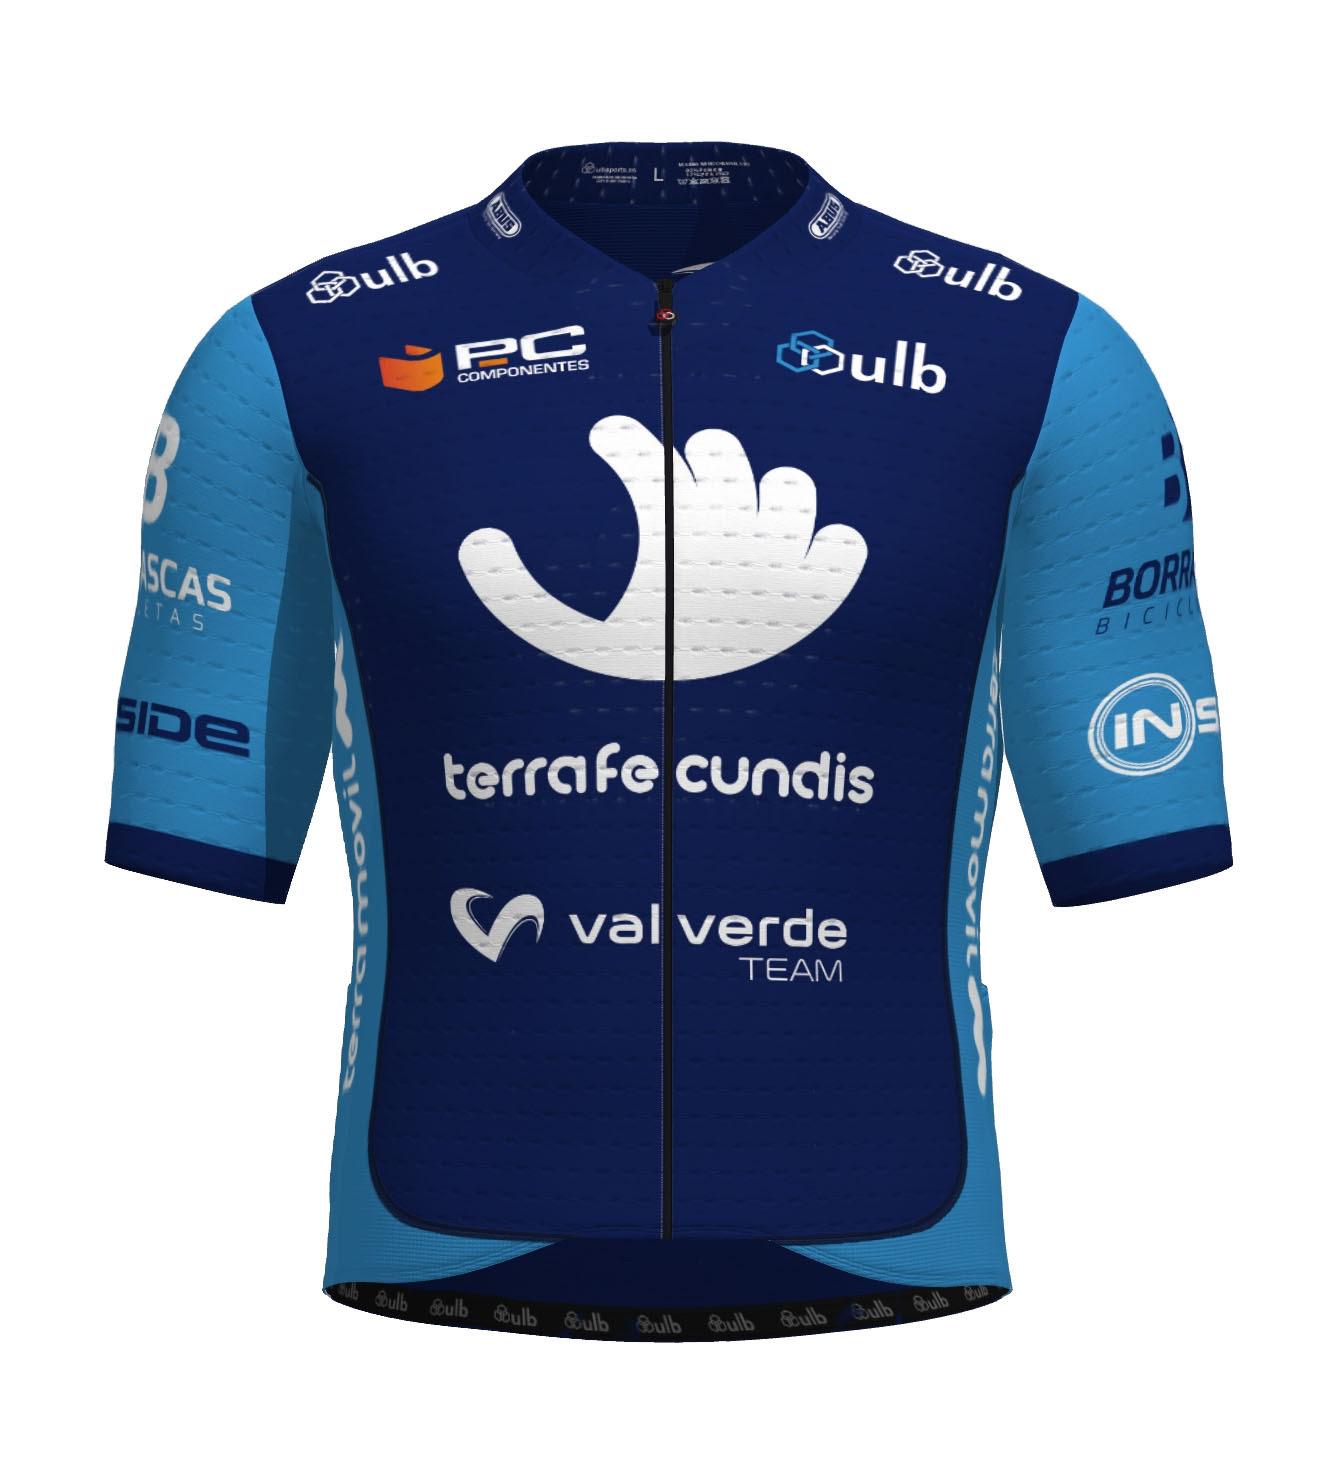 Valverde Team ULB SPorts 2020